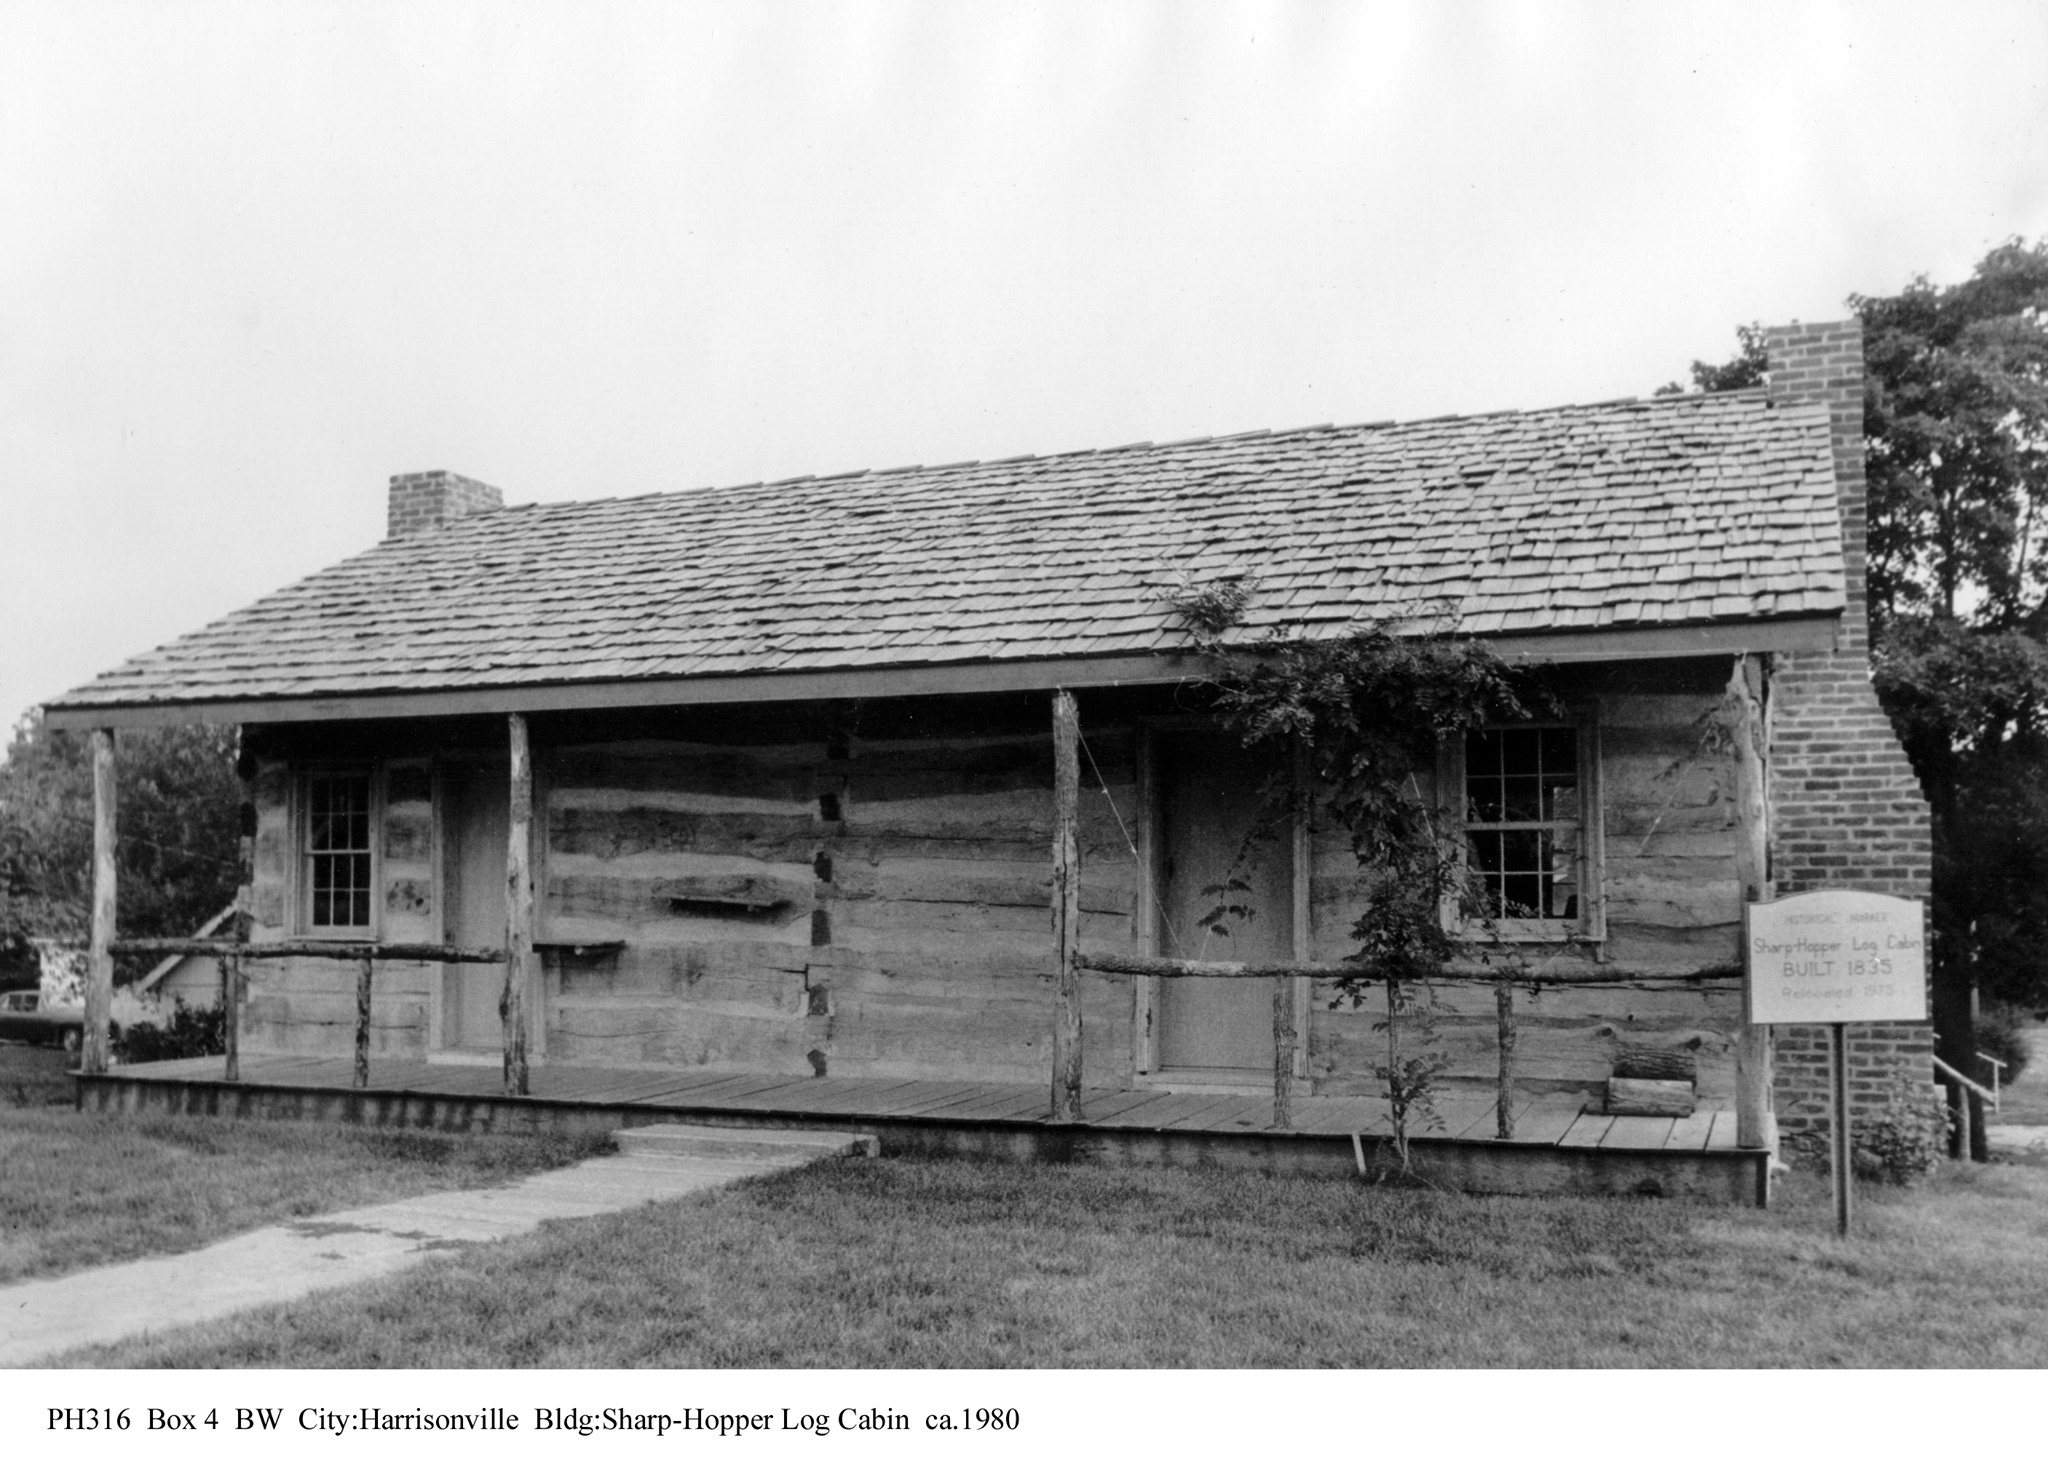 Sharp-Hopper Log Cabin